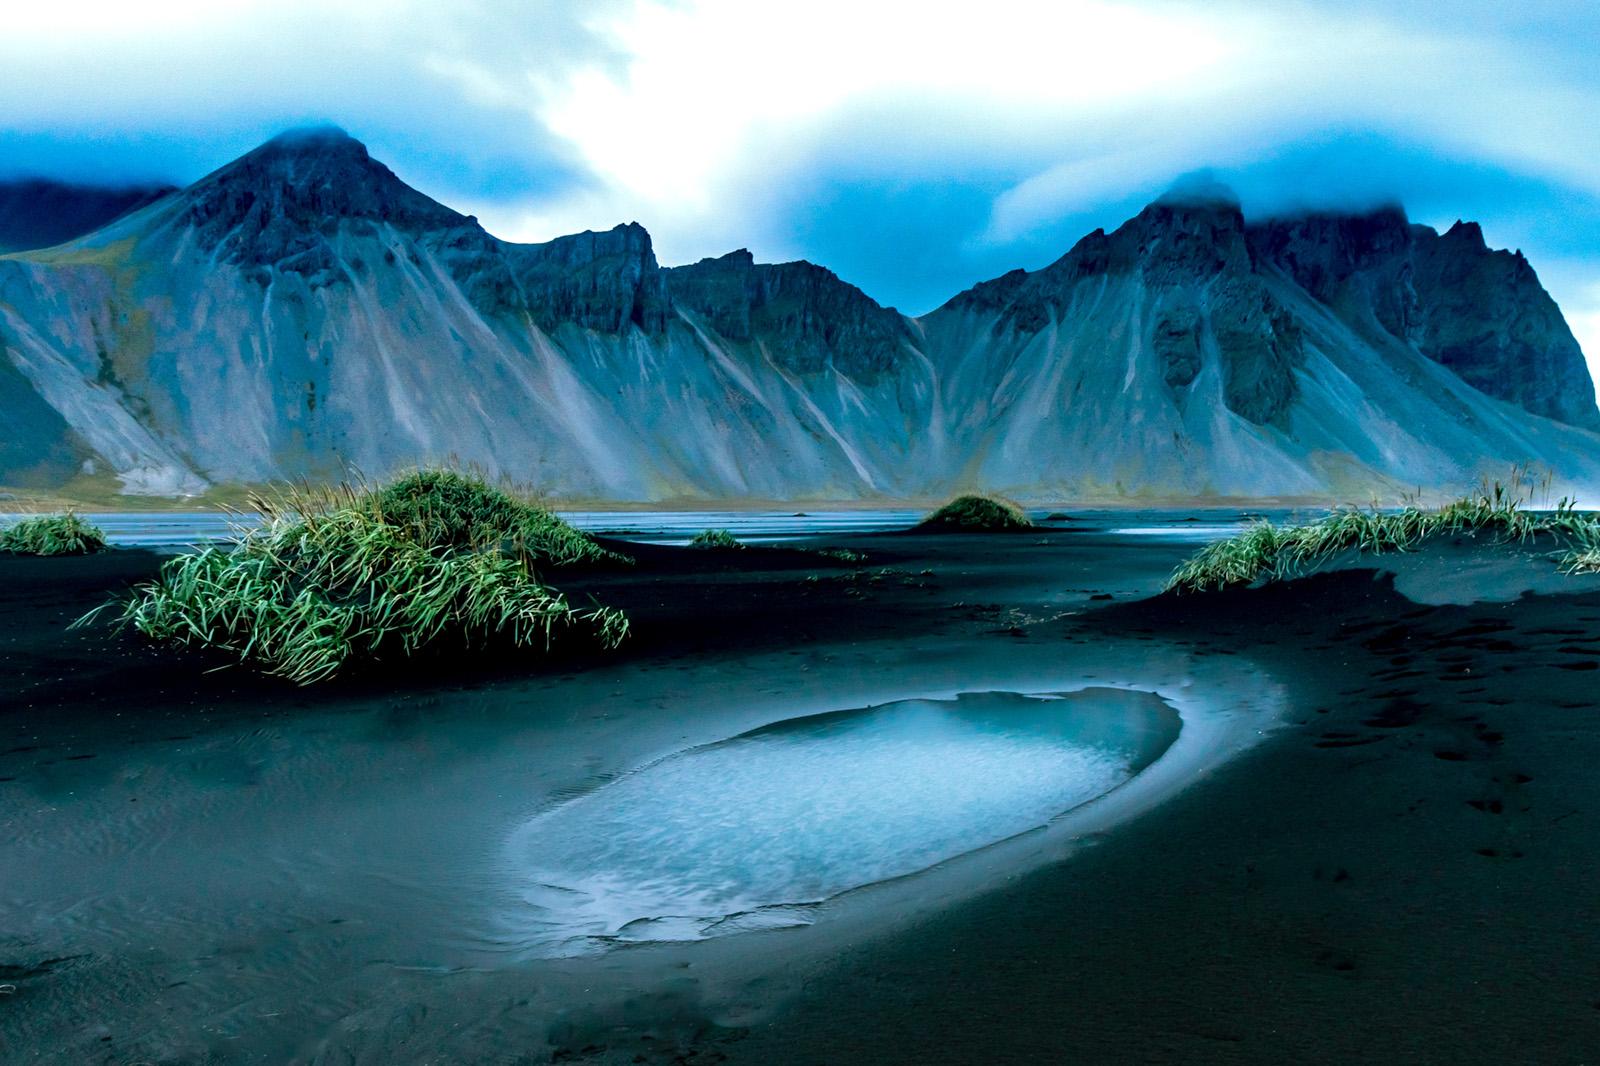 Vestrahorn mountain - Ralph Freeman